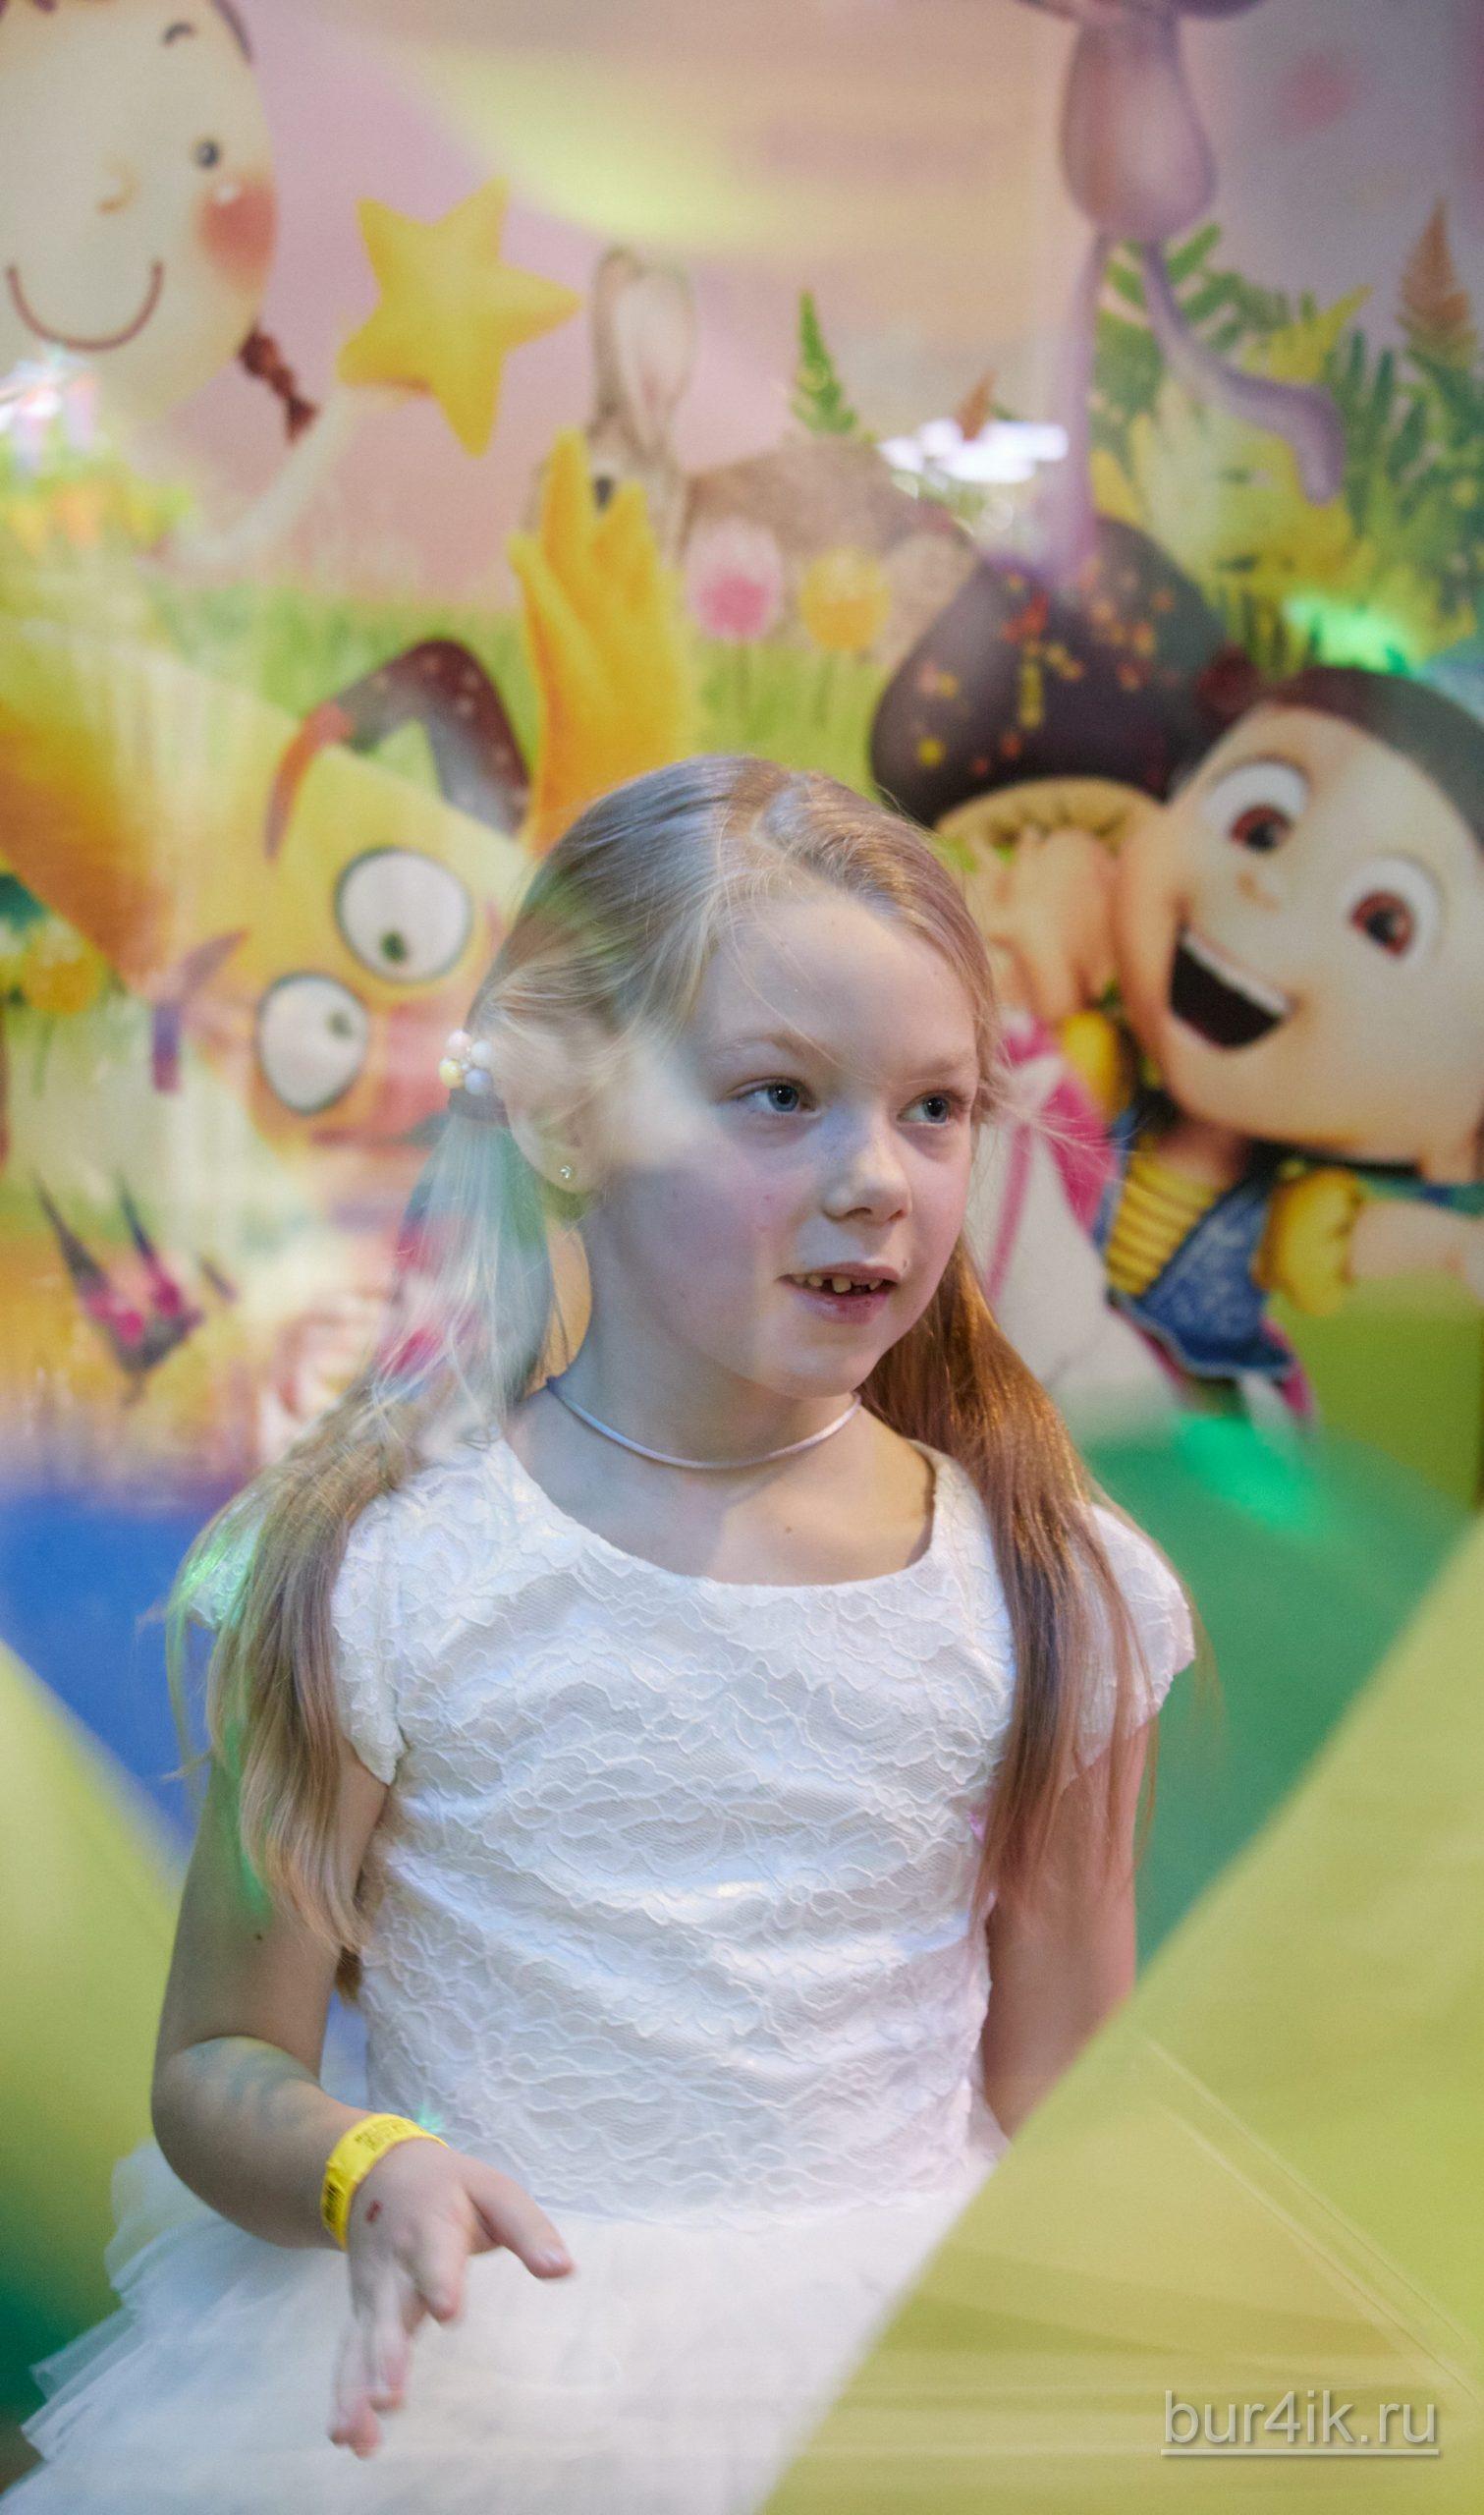 Фото Детское День Рождения в Детский Дворик 15.01.2020 №232 -photo- bur4ik.ru